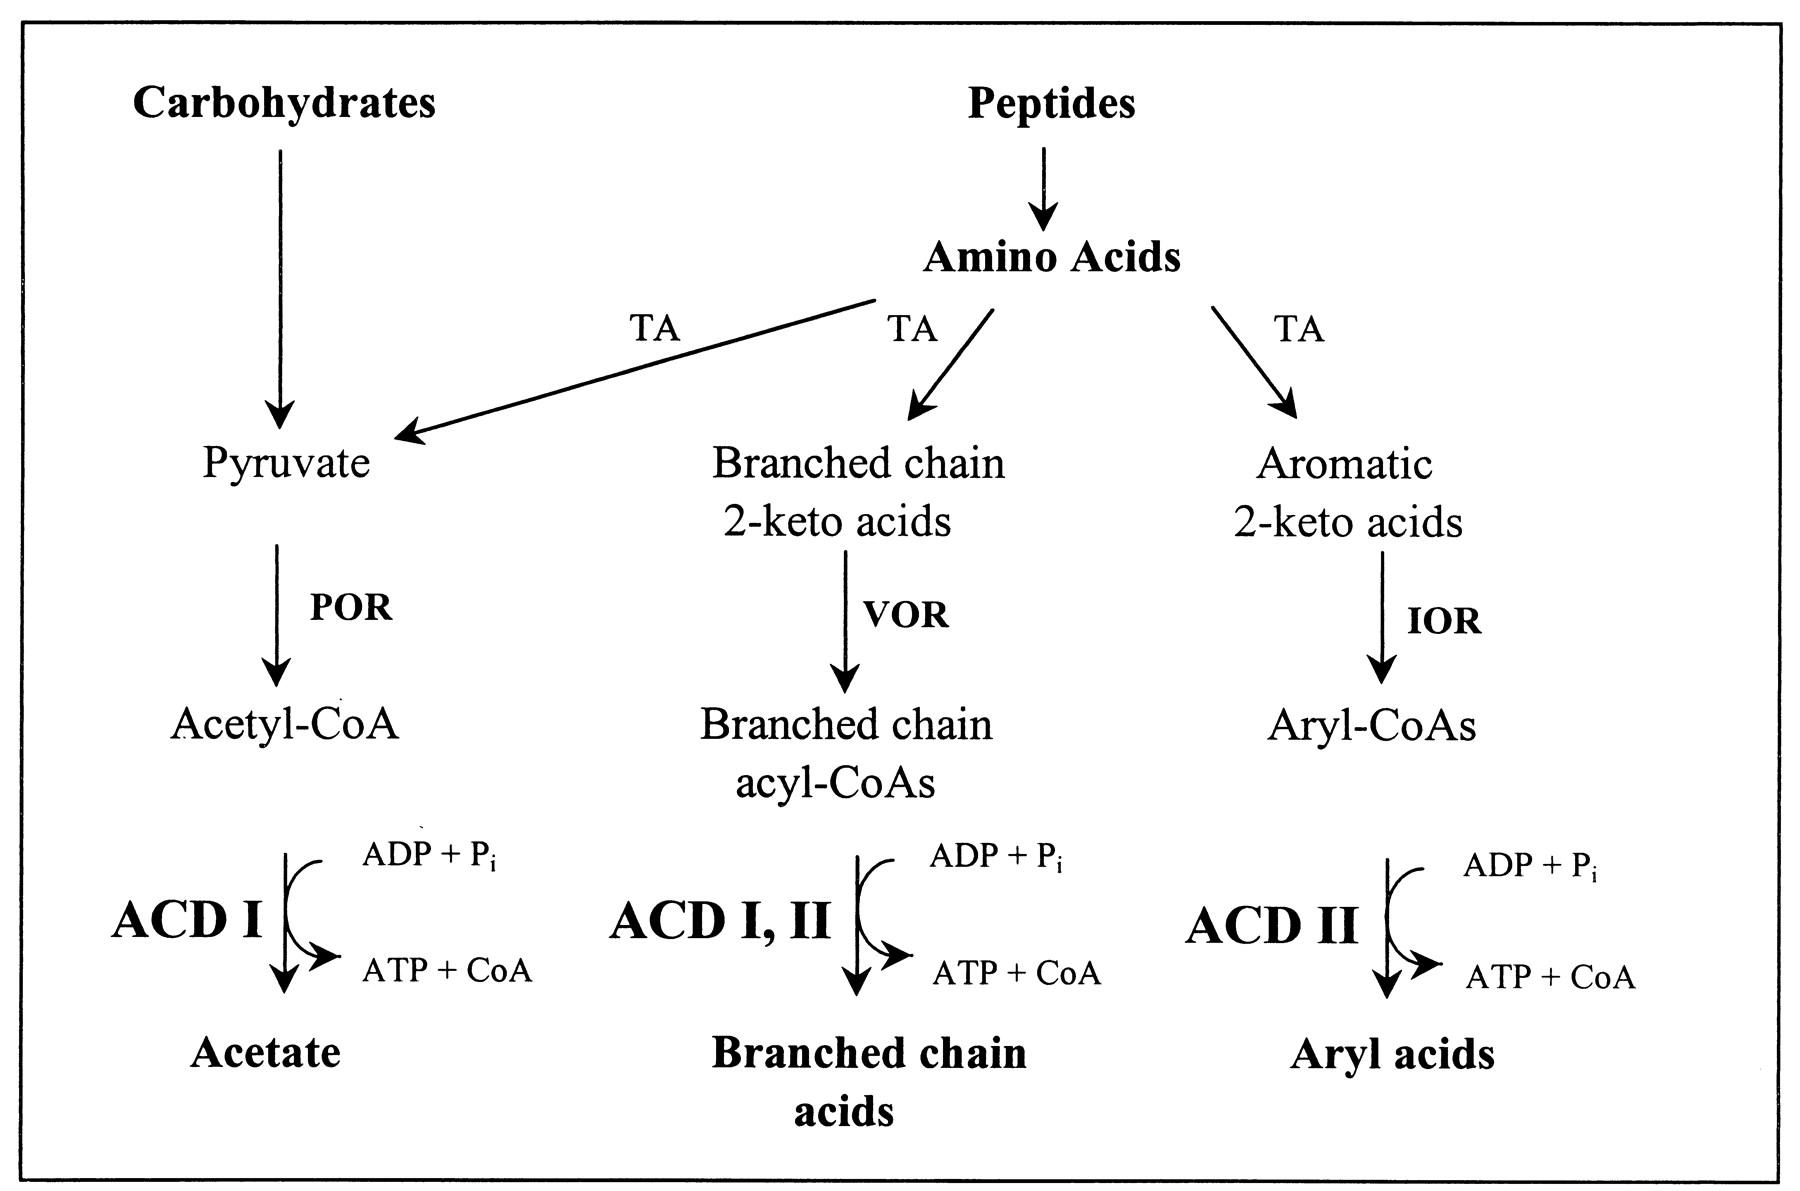 acetate-coa ligase